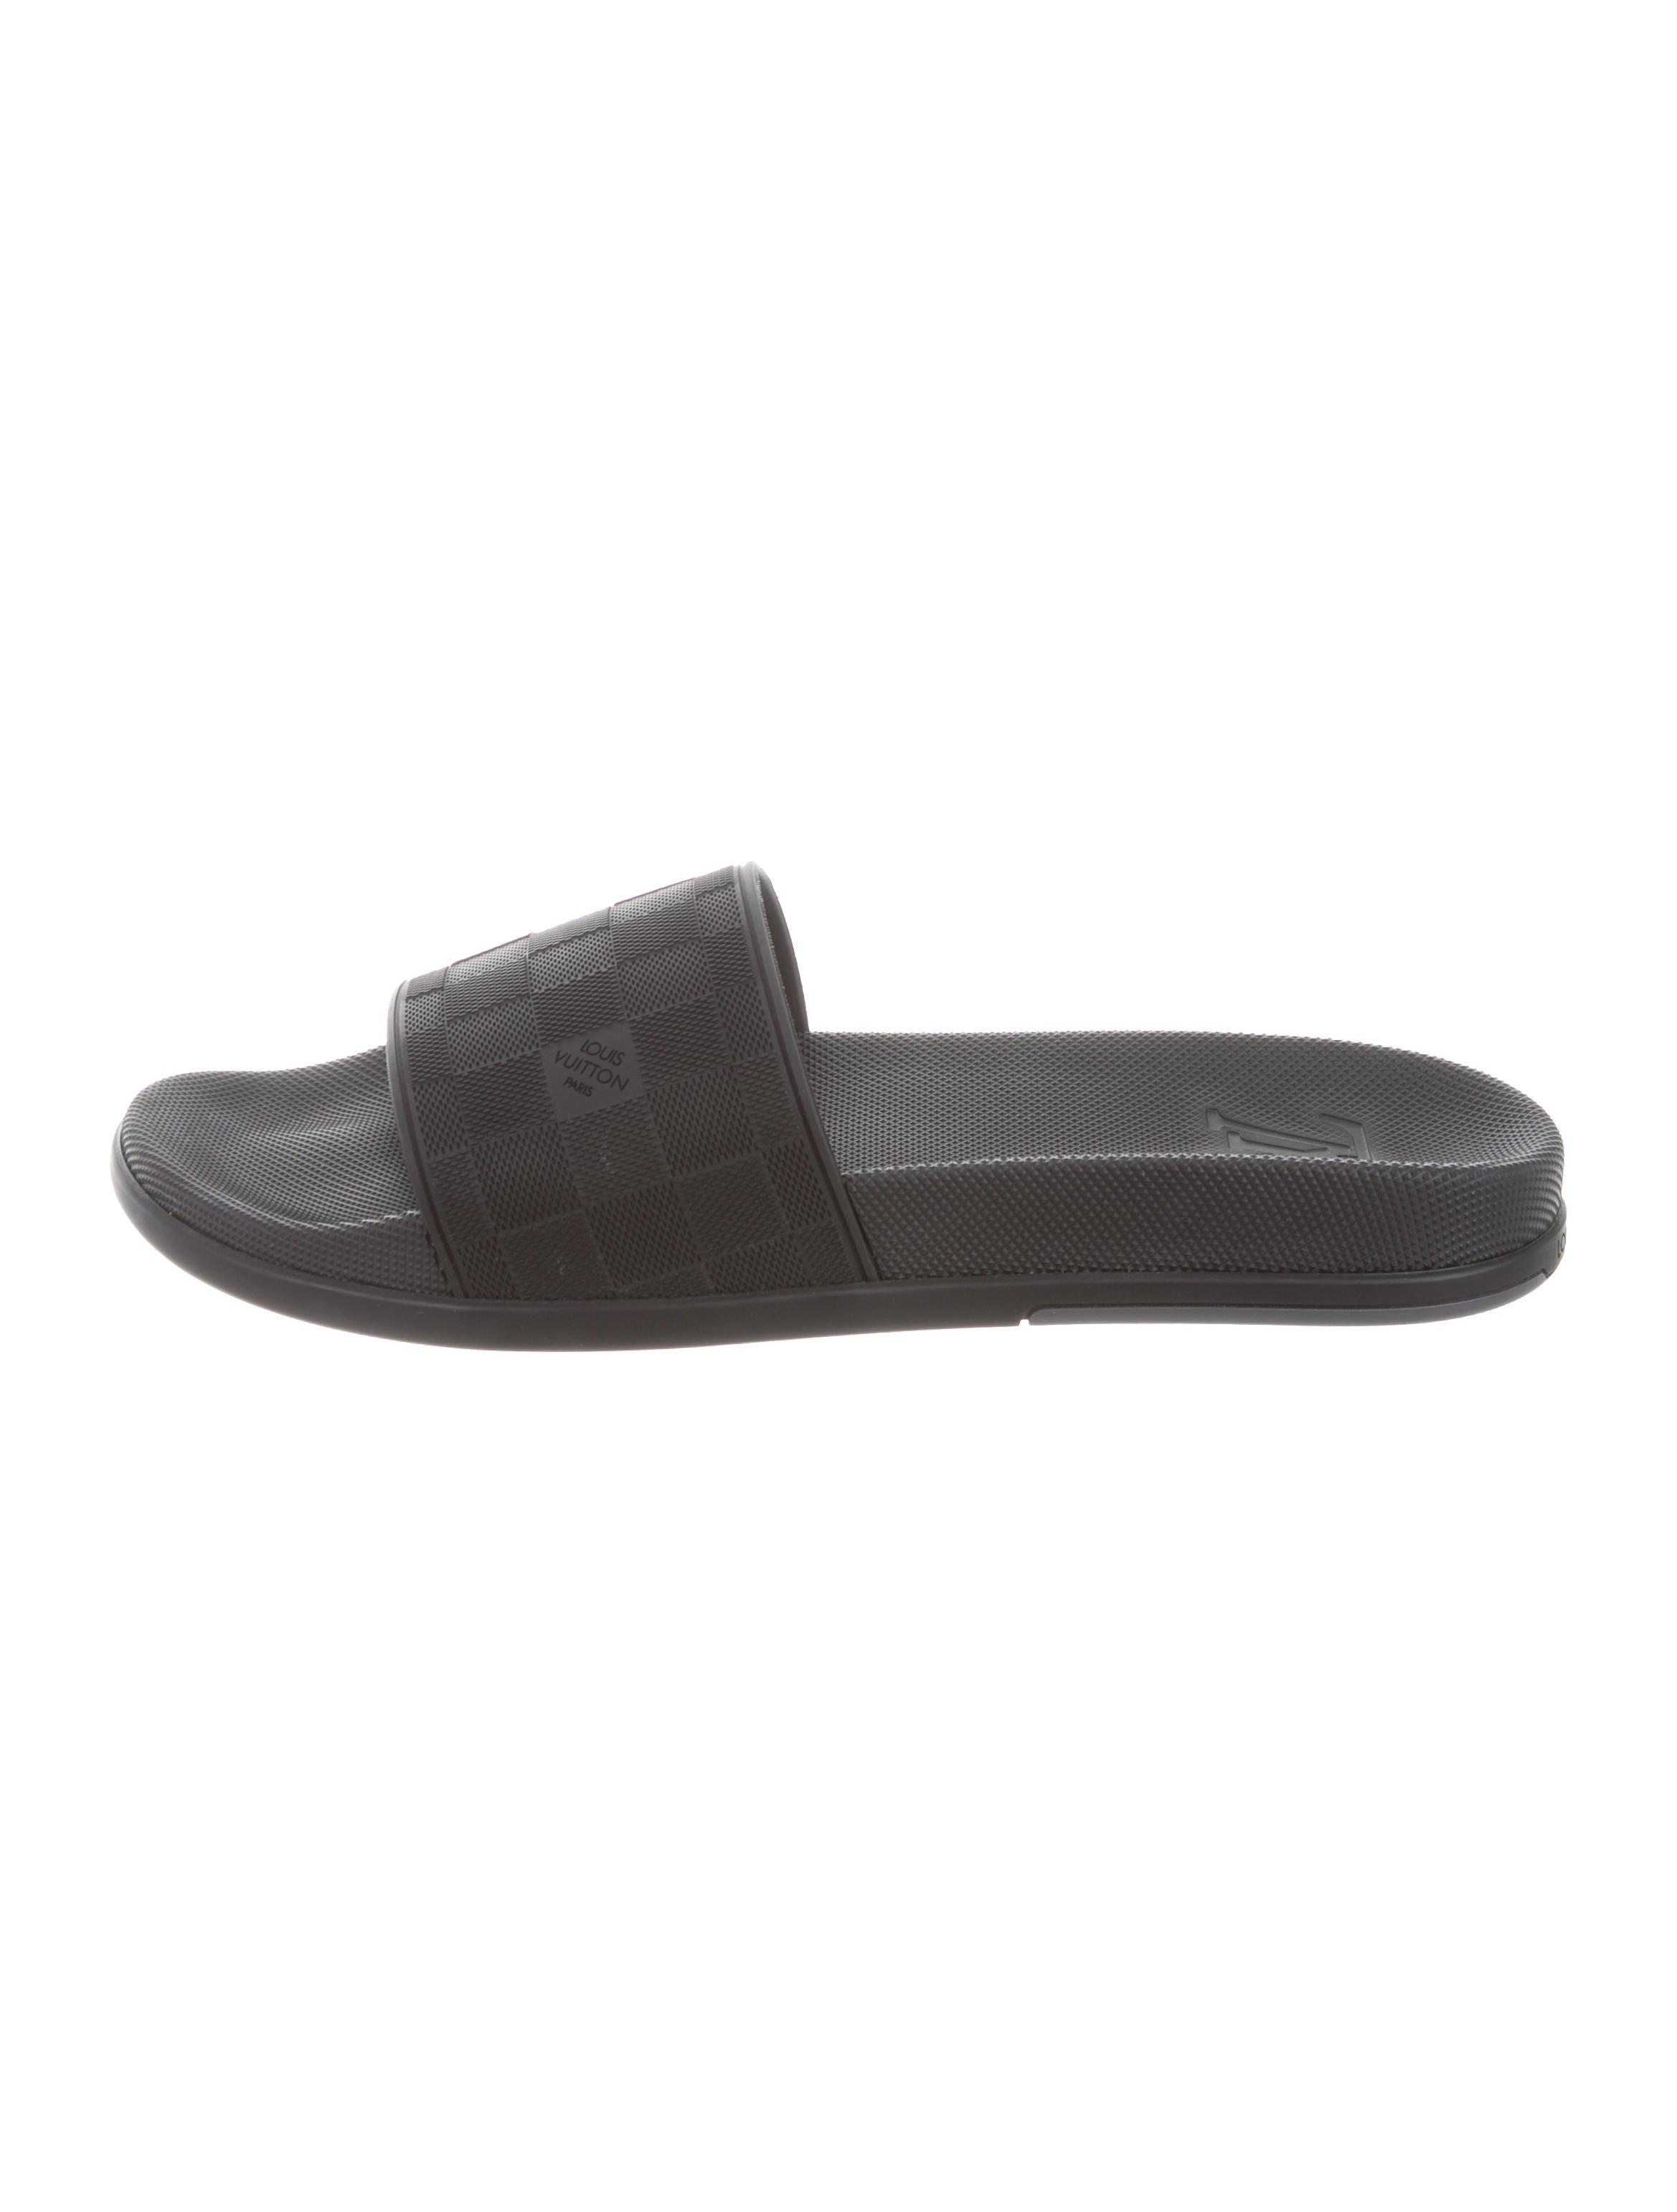 Louis Vuitton Waterfront Mule Sandals